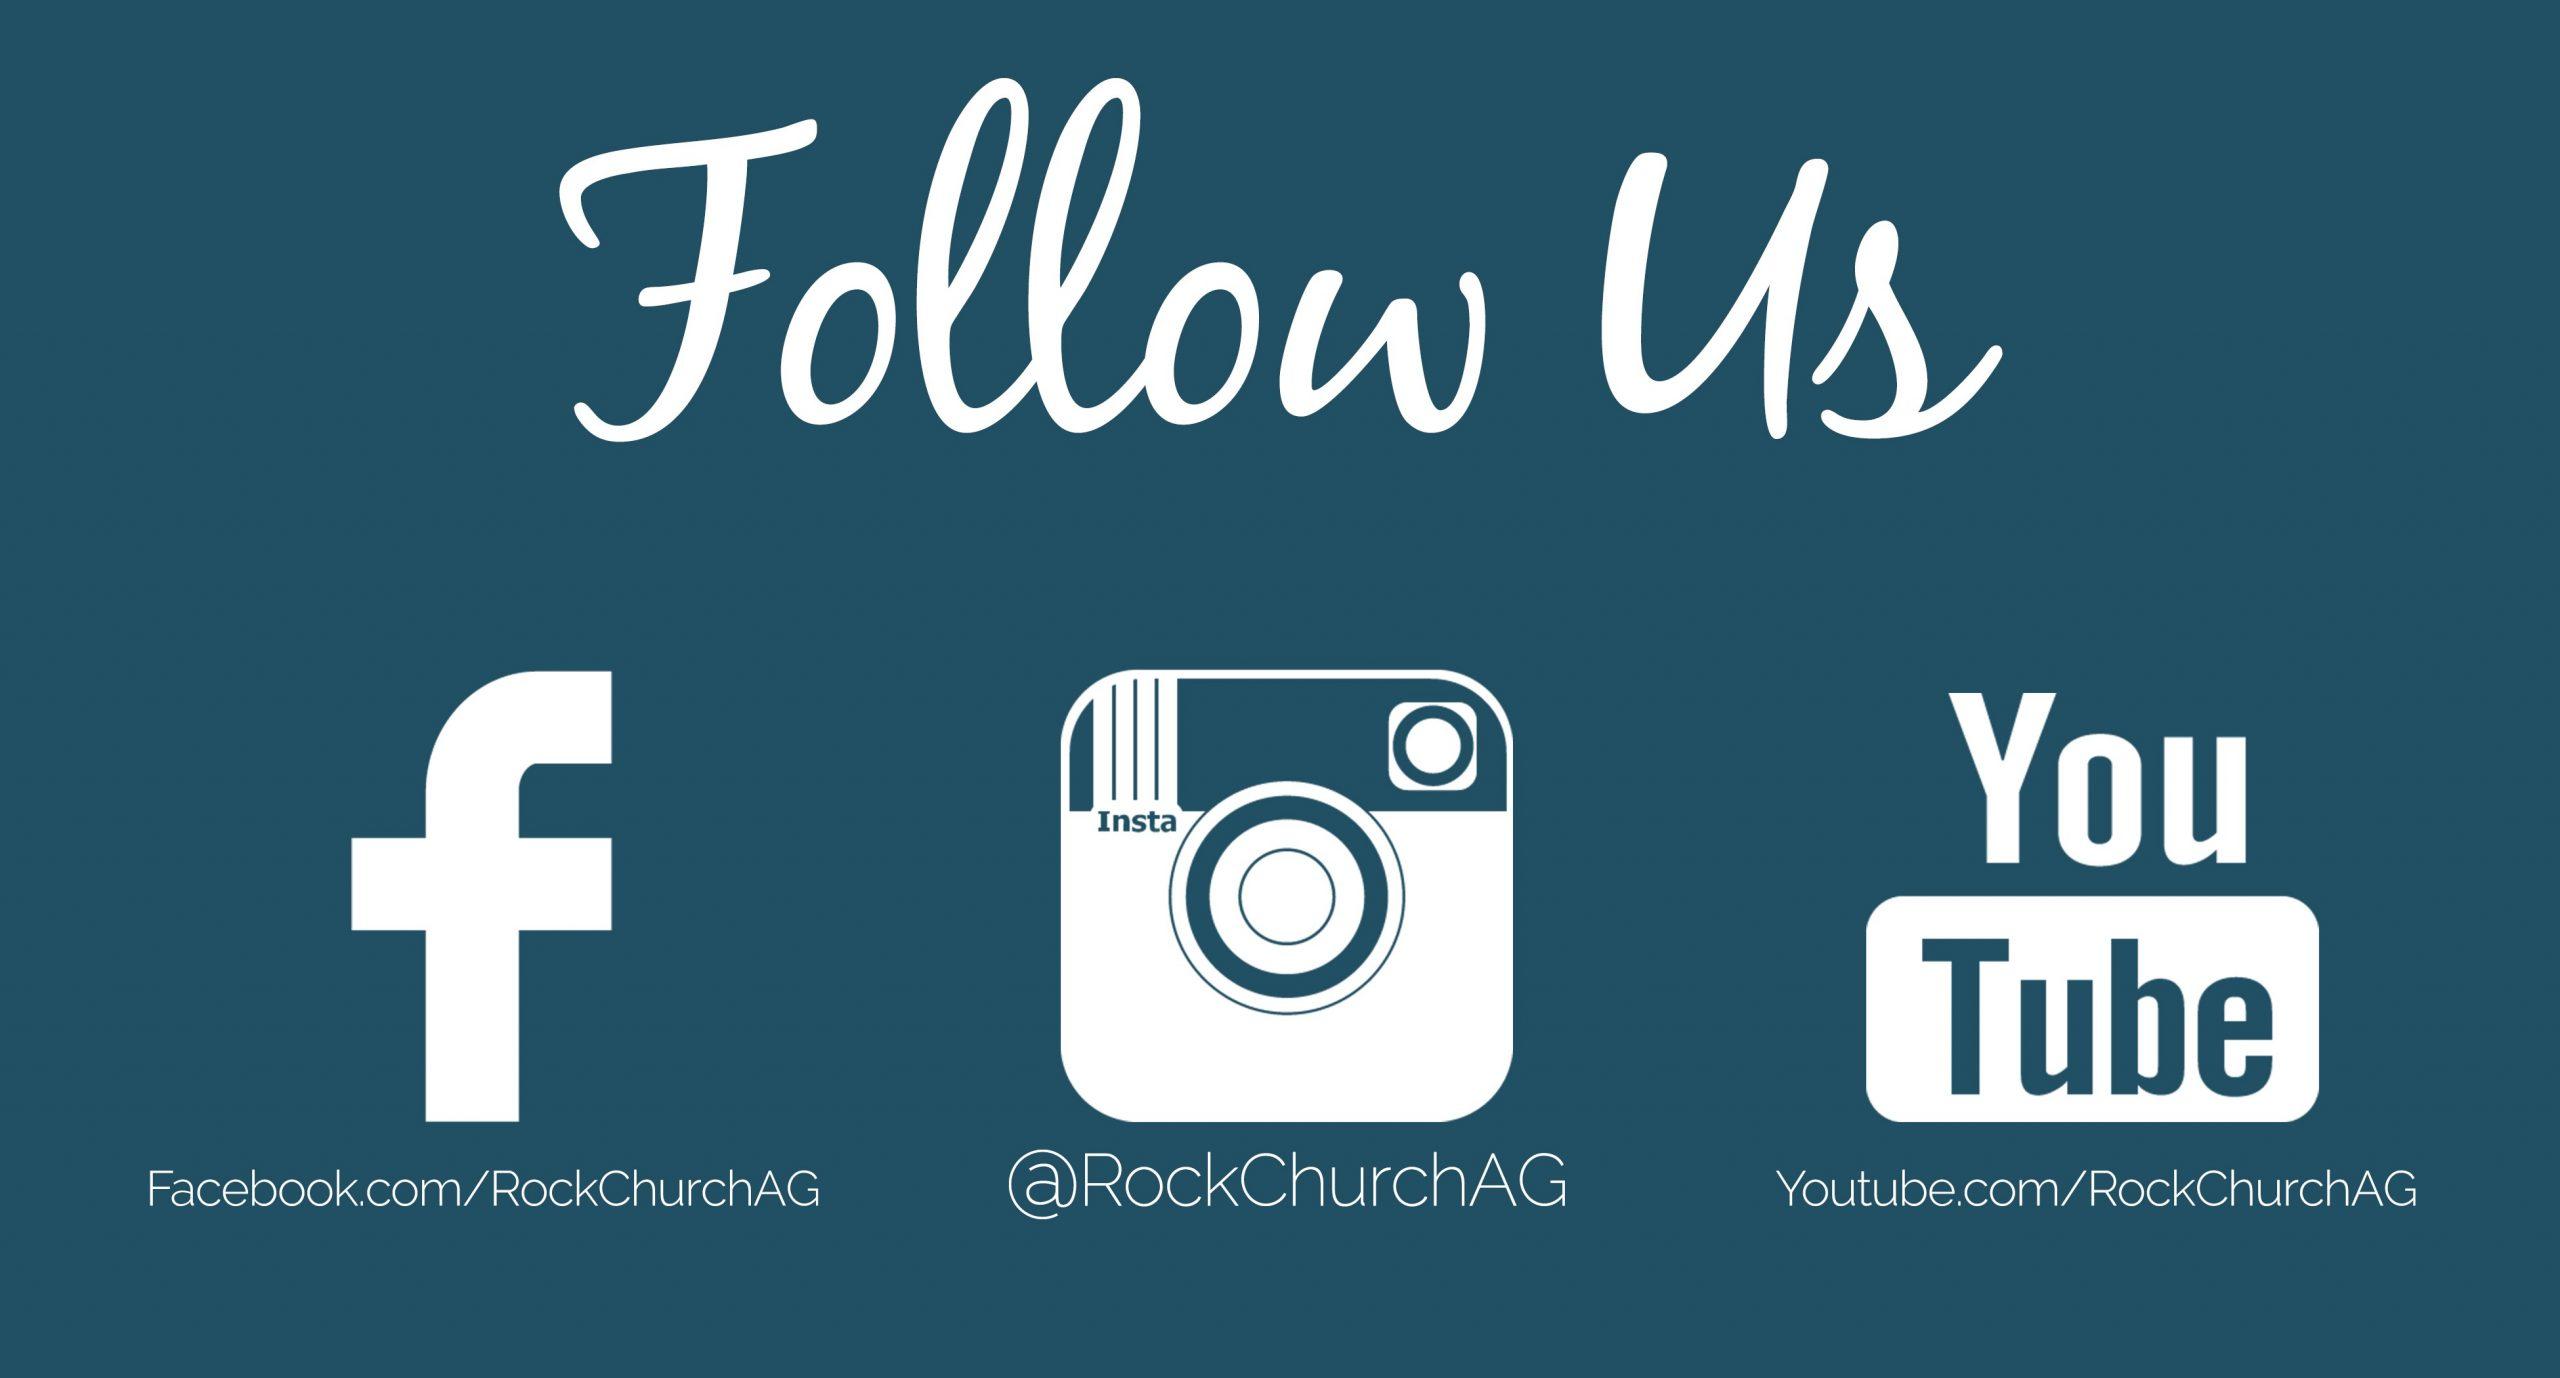 follow us flyer template  Rock Church   Rock Church AG Social Media Links - follow us flyer template